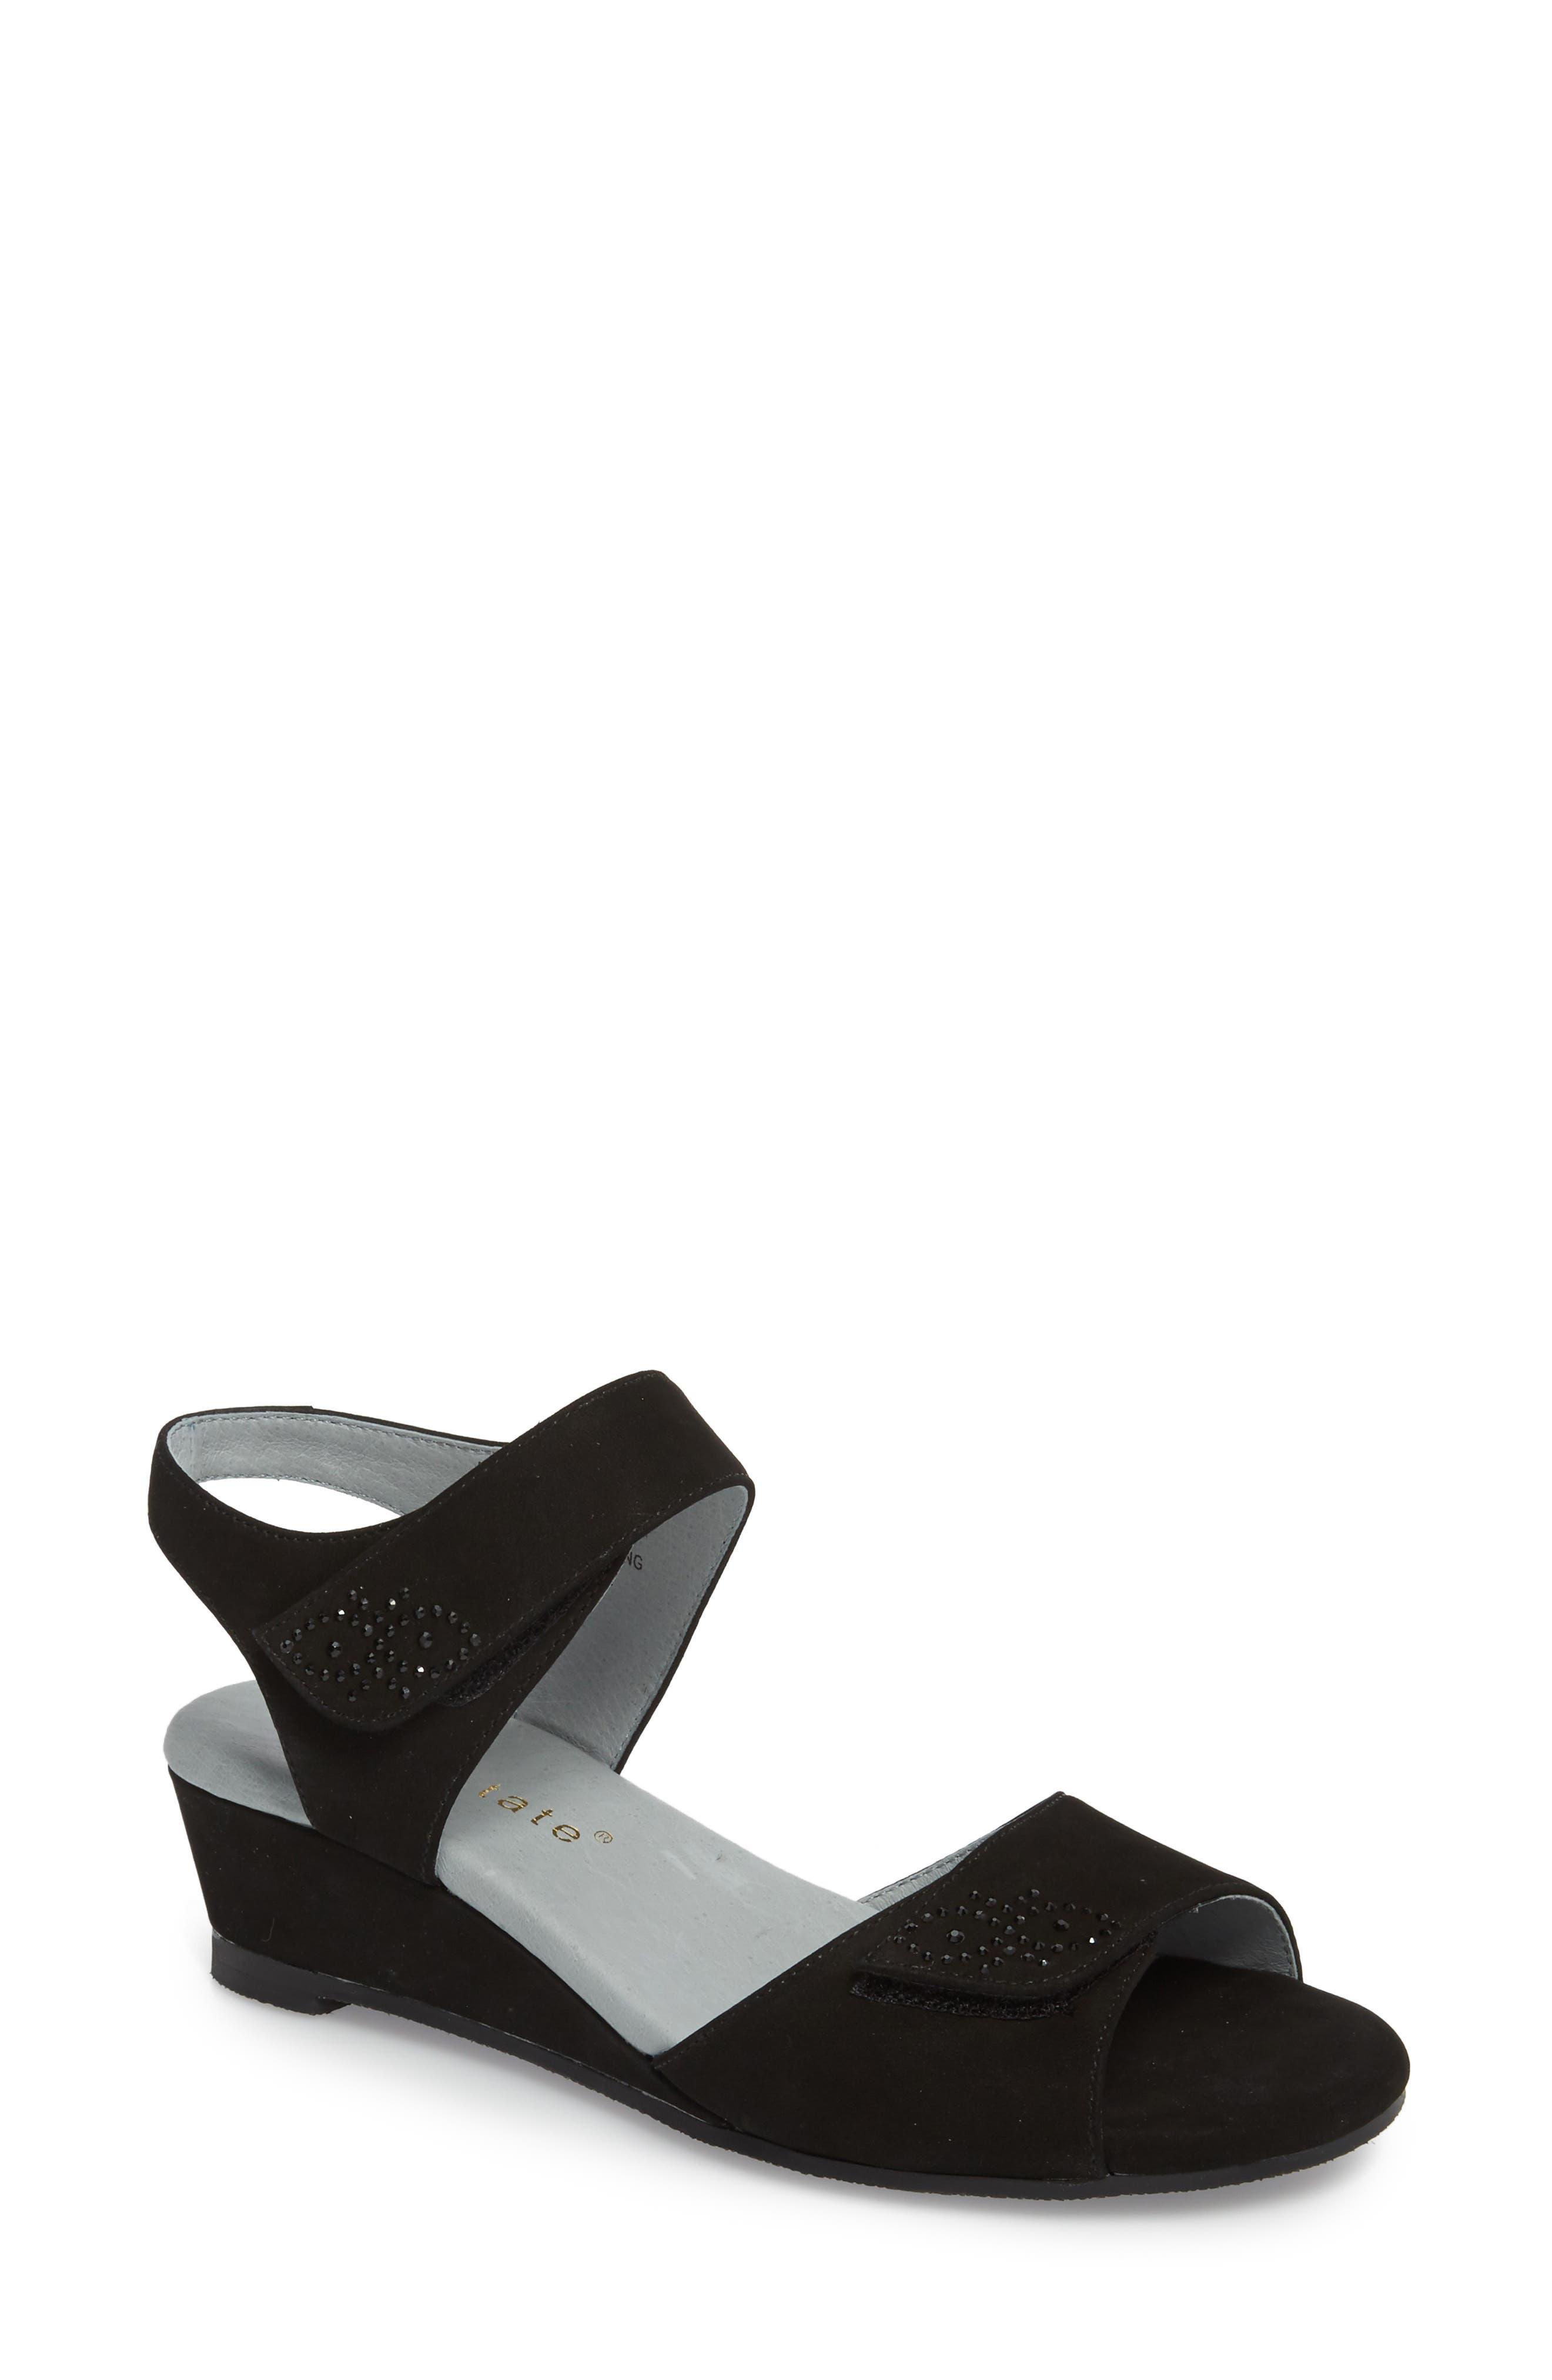 Queen Embellished Wedge Sandal,                         Main,                         color, Black Nubuck